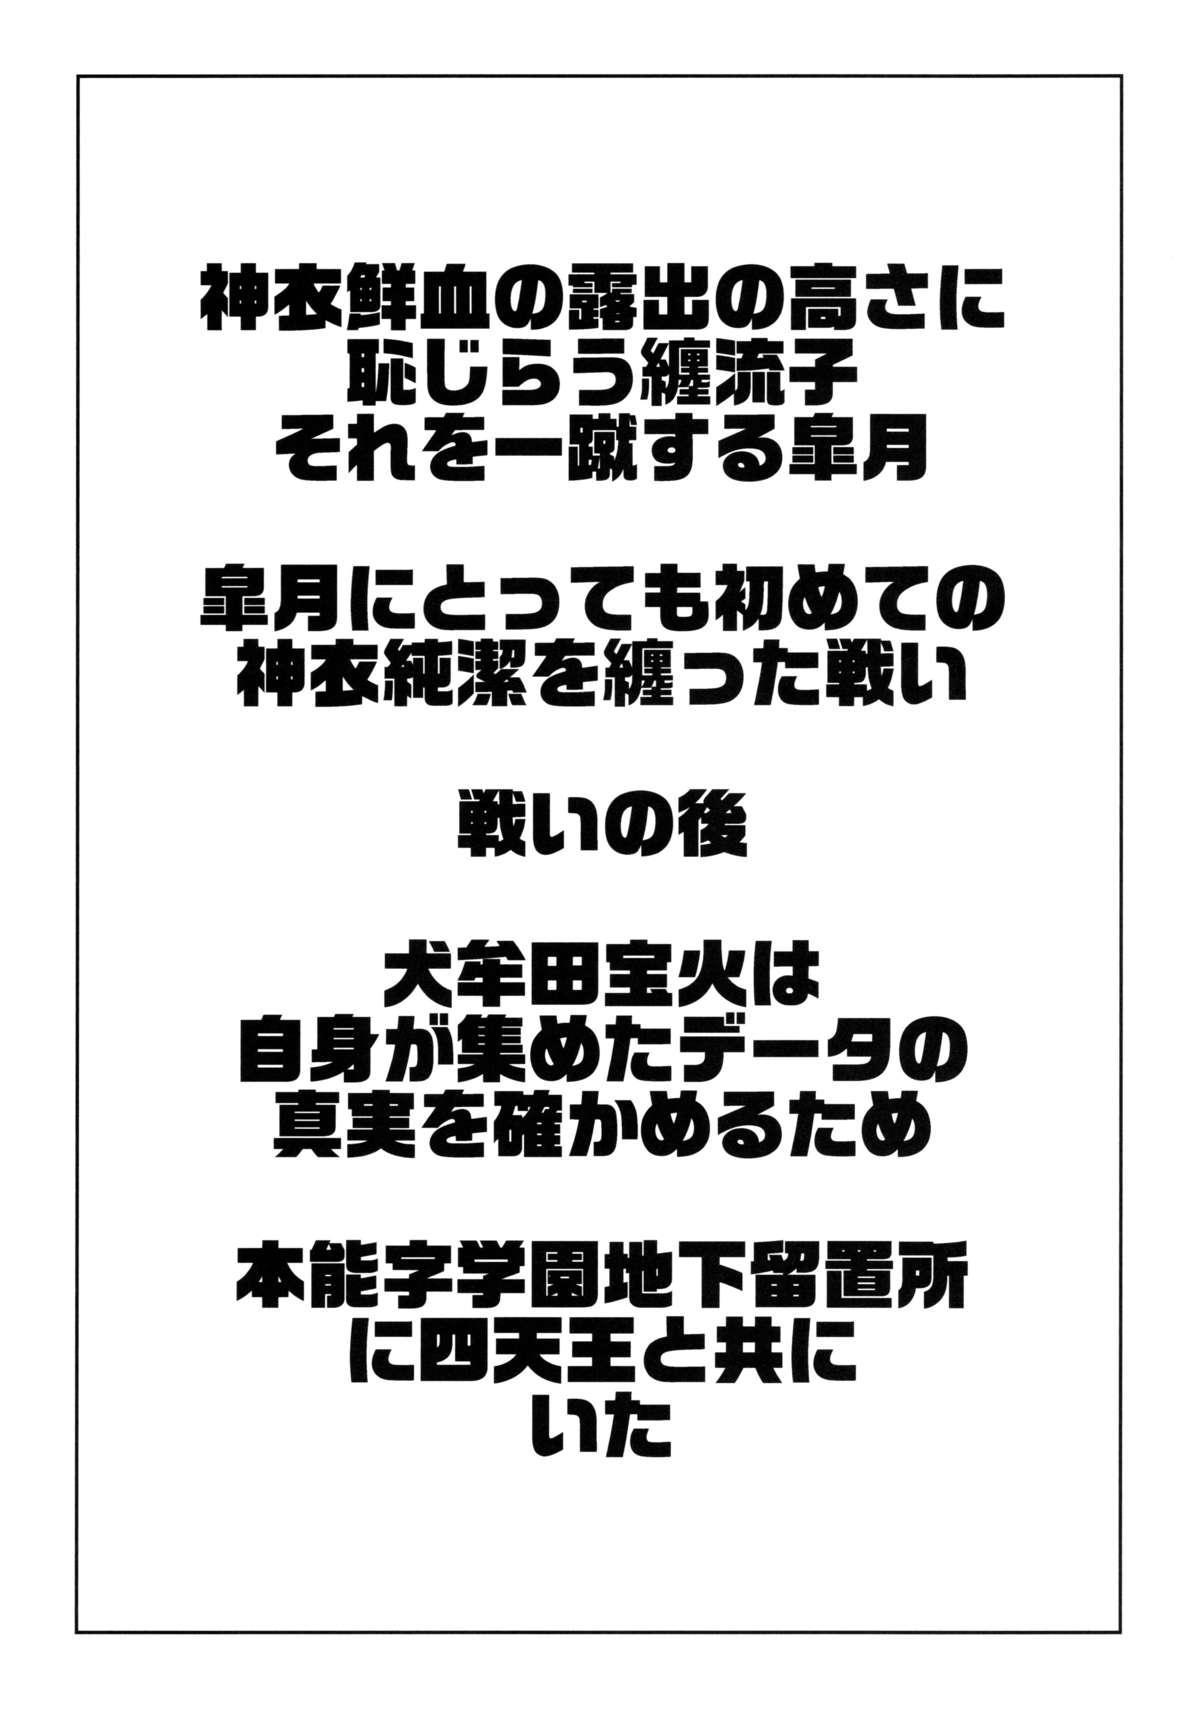 Seiten Hakujitsu 2